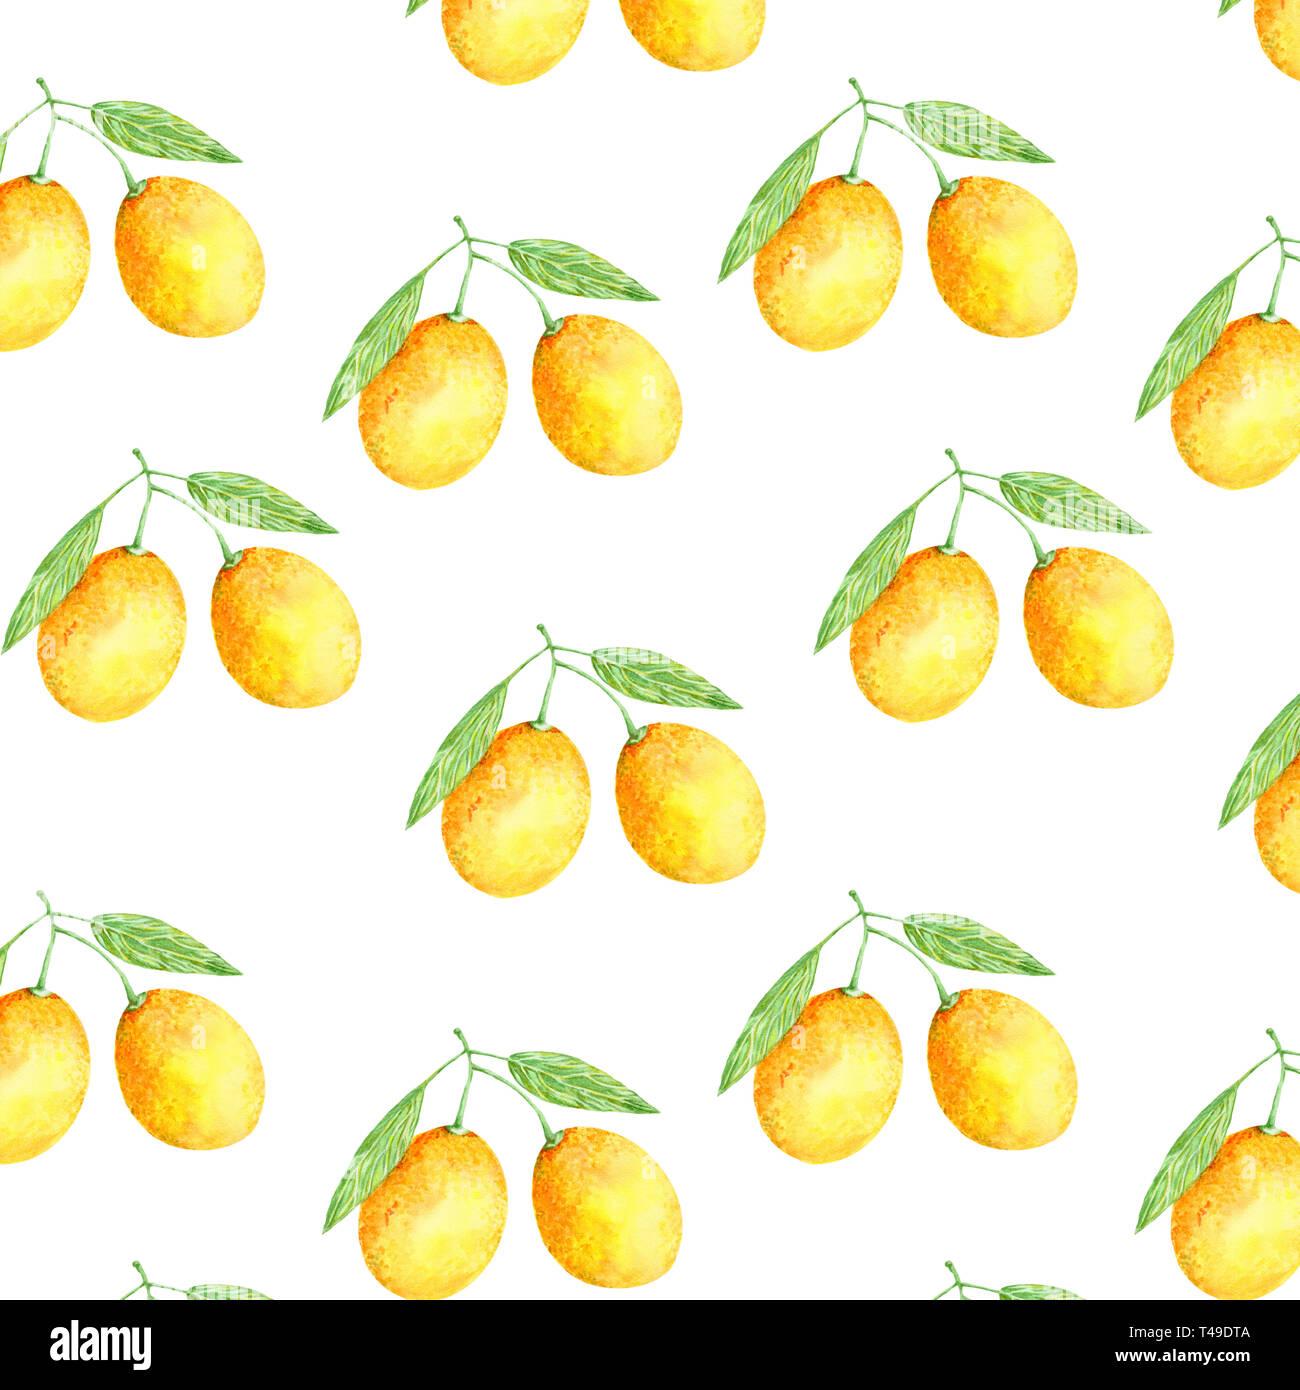 Acuarela de frutas de naranja. Ilustración fresco arte dibujado a mano de pintura color elemento jugoso sobre fondo blanco. Imagen De Stock